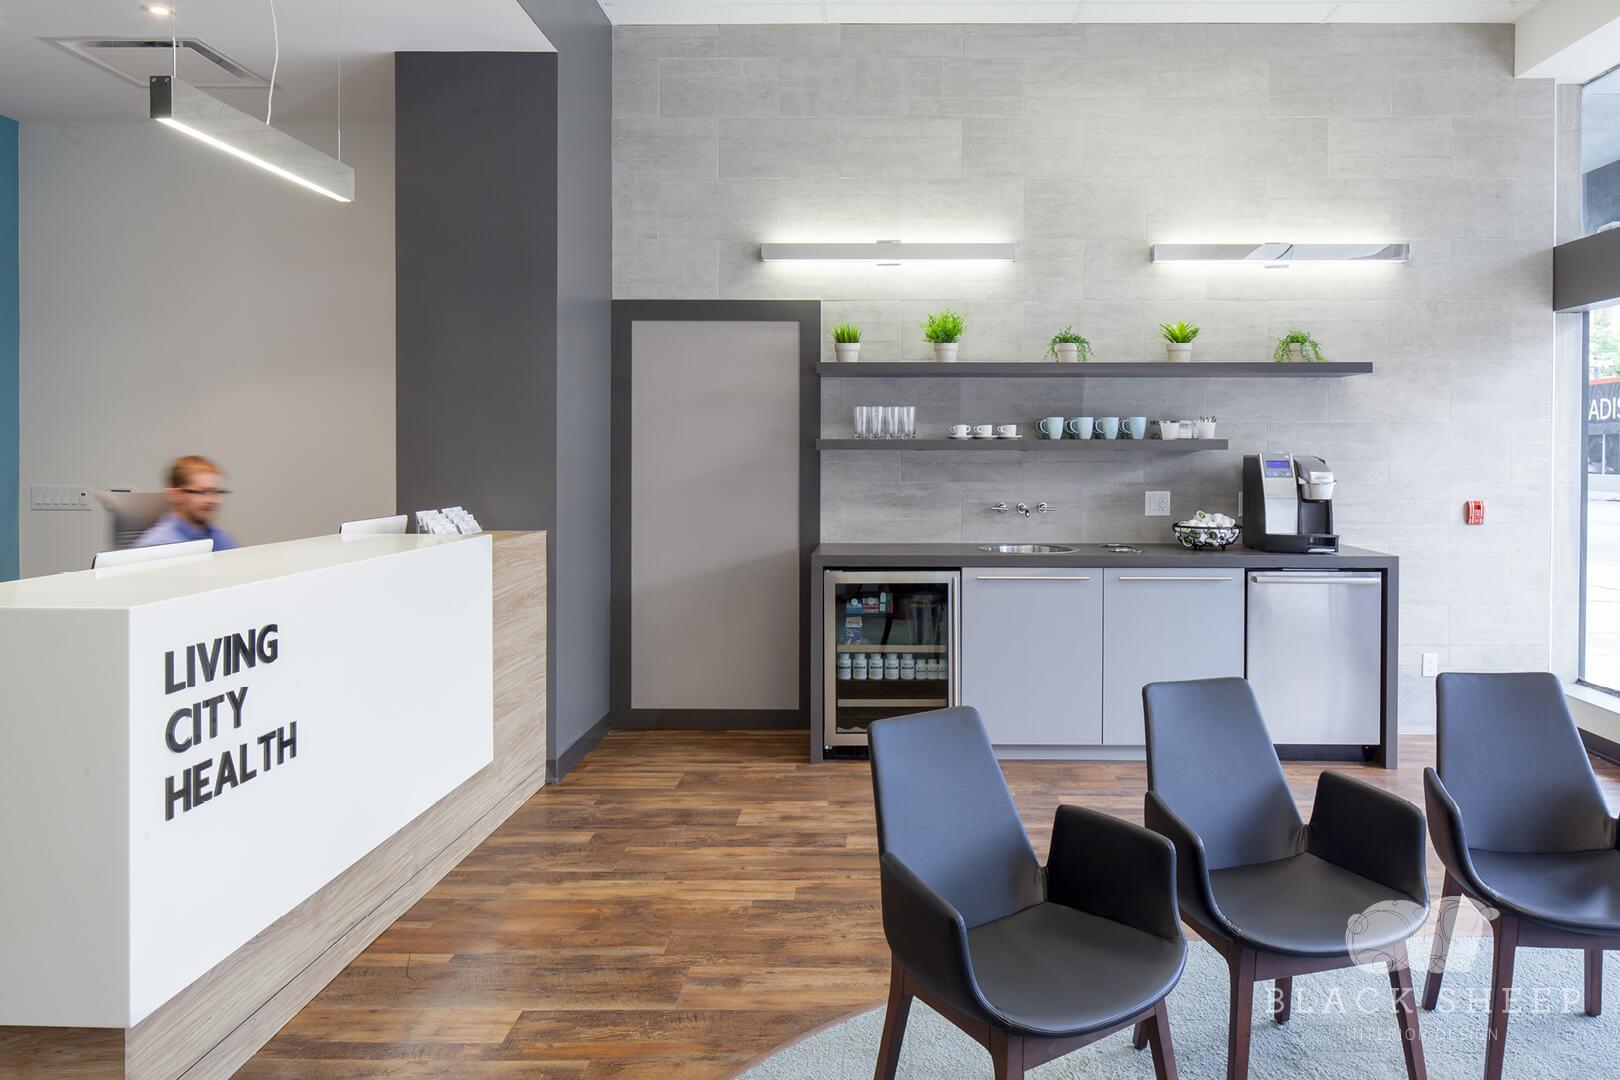 Black Sheep Interior Design - Living City Health 15